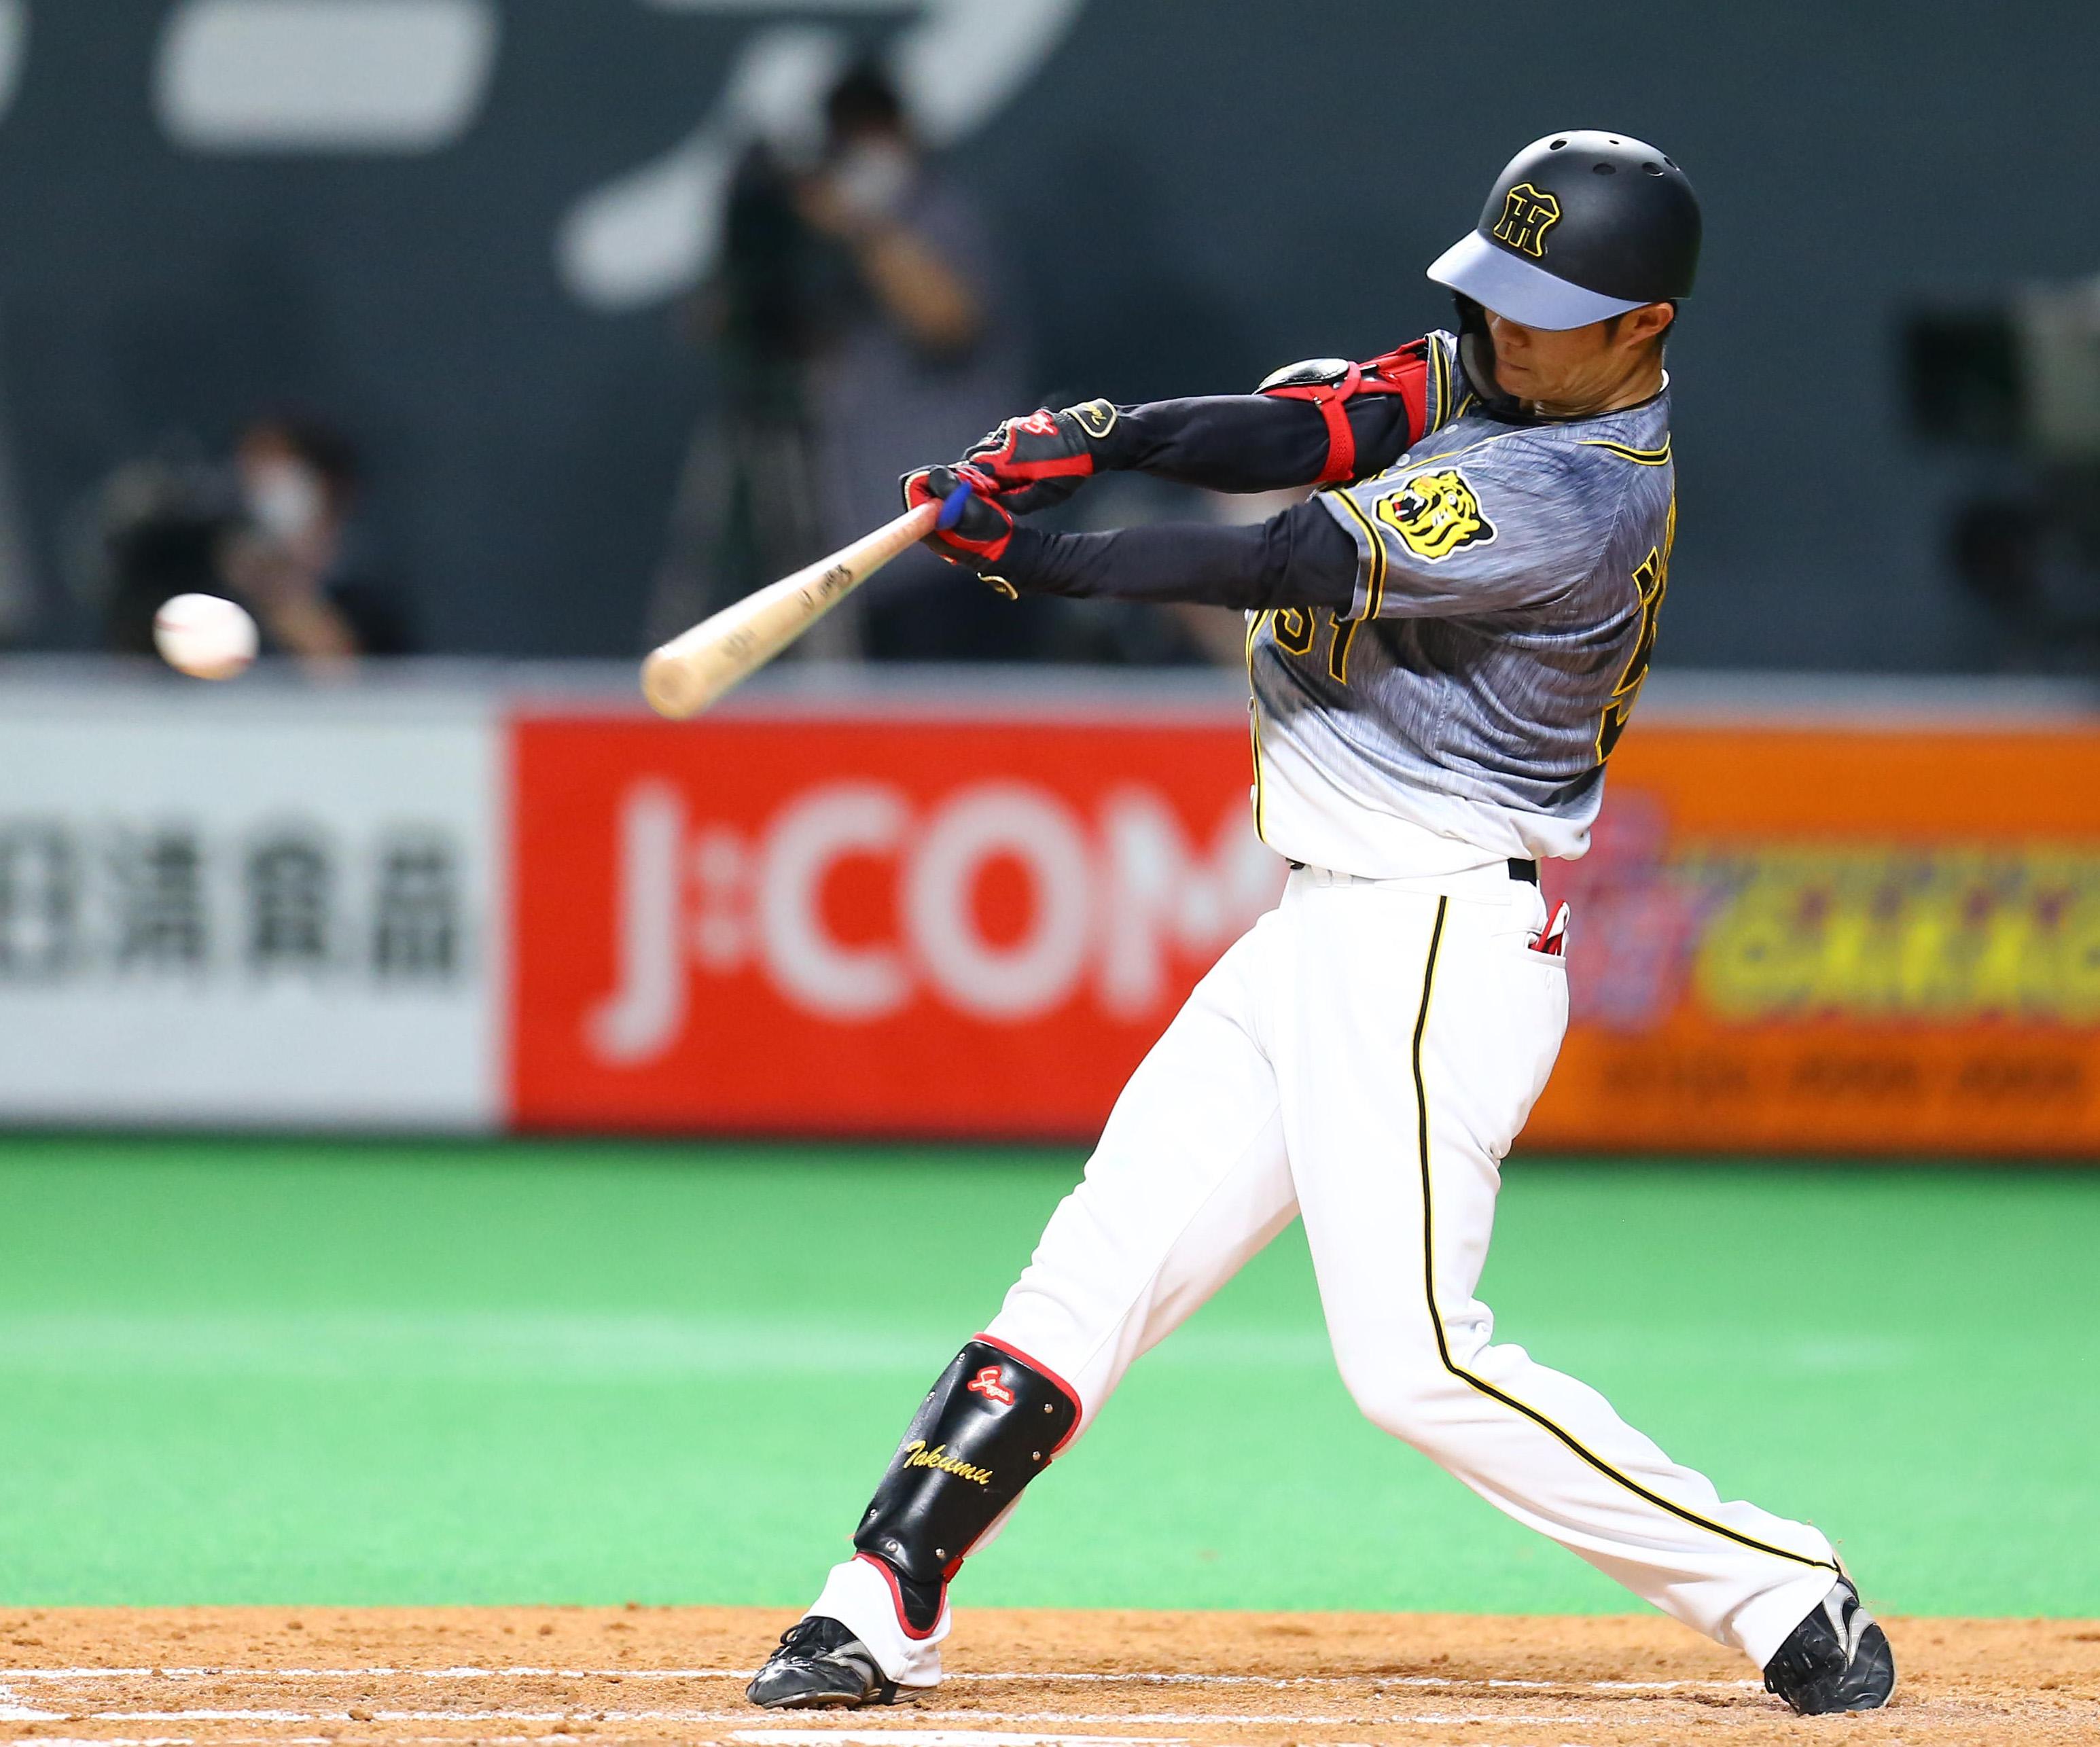 五回に先制打を放つ中野。2番として申し分ない活躍だ(撮影・三浦幸太郎)